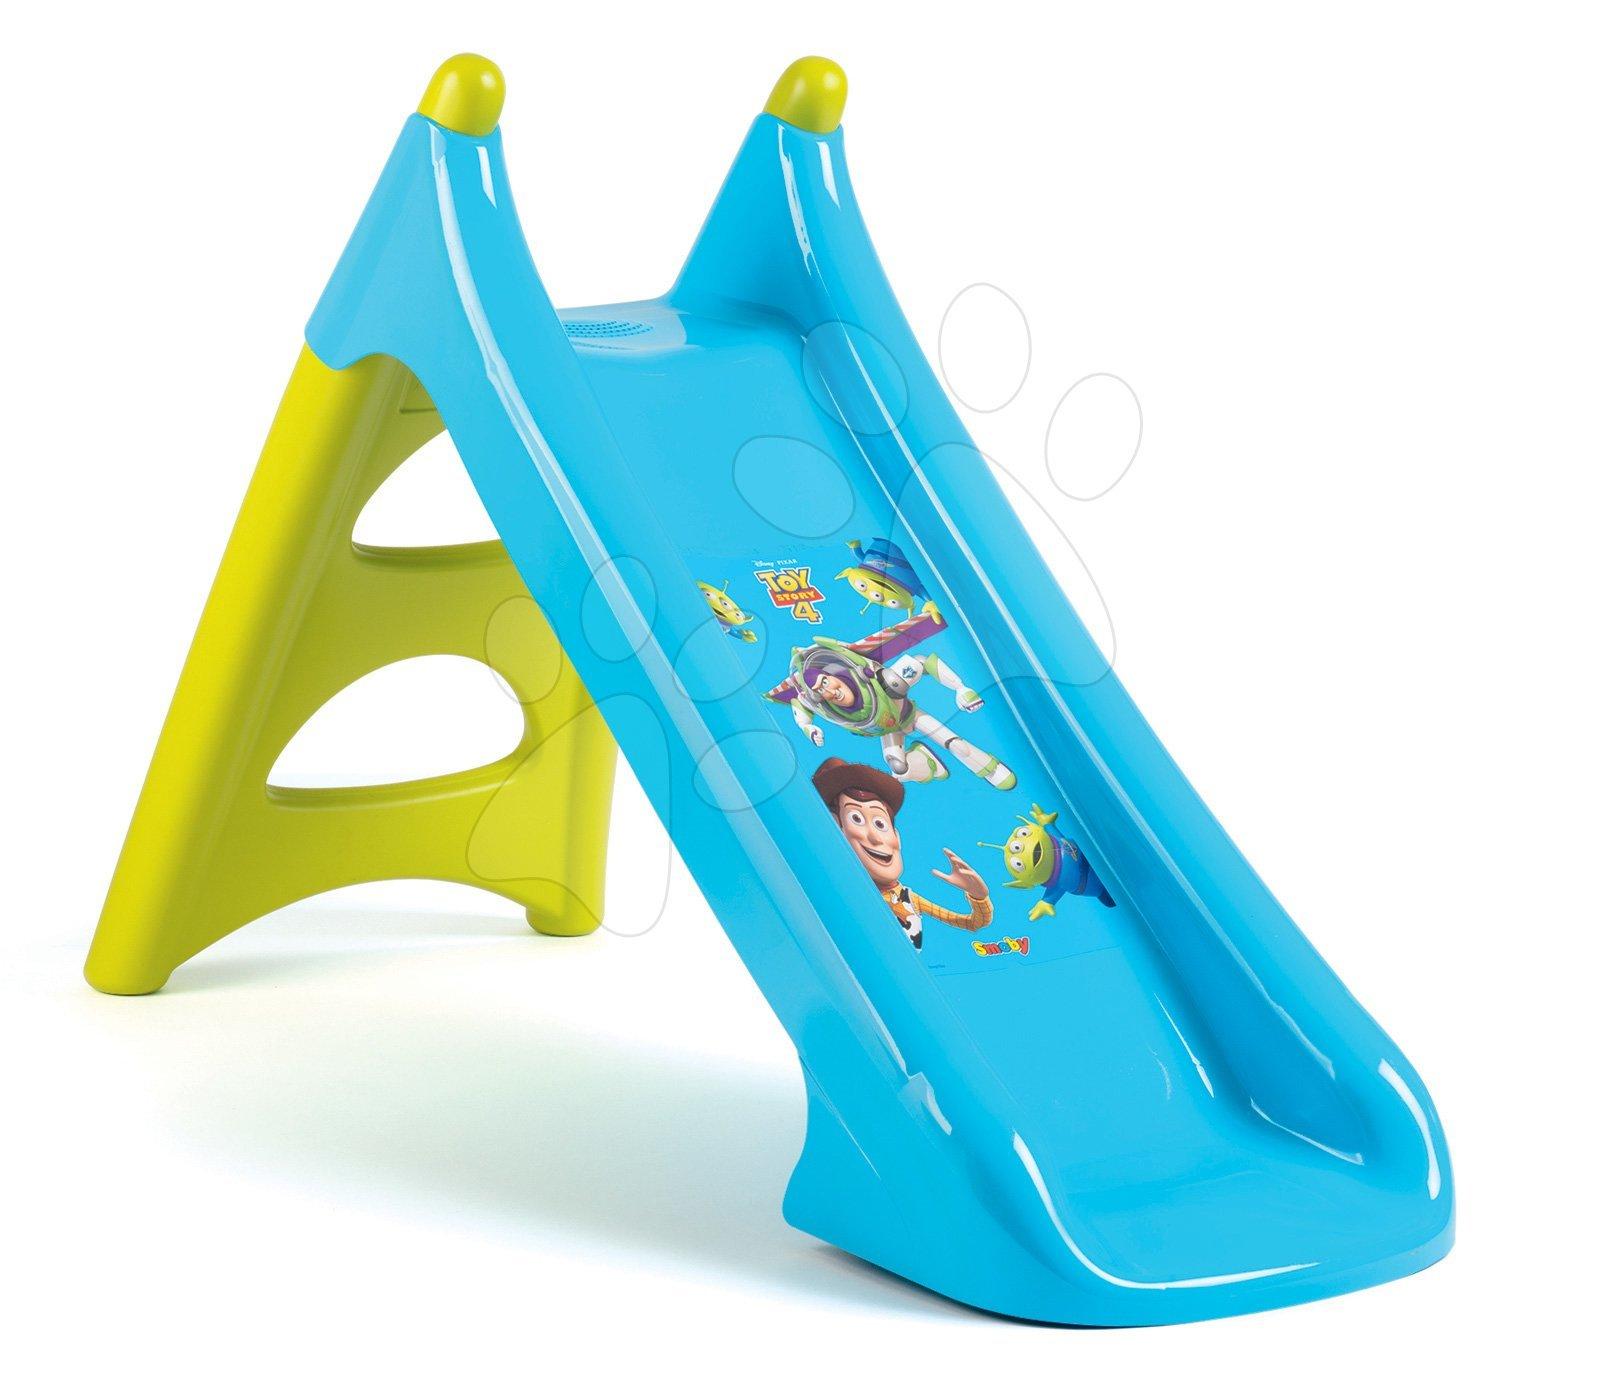 Šmykľavky pre deti  - Šmykľavka Disney Toy Story Toboggan XS Smoby s vodotryskom 90 cm šmýkacia plocha od 2 rokov